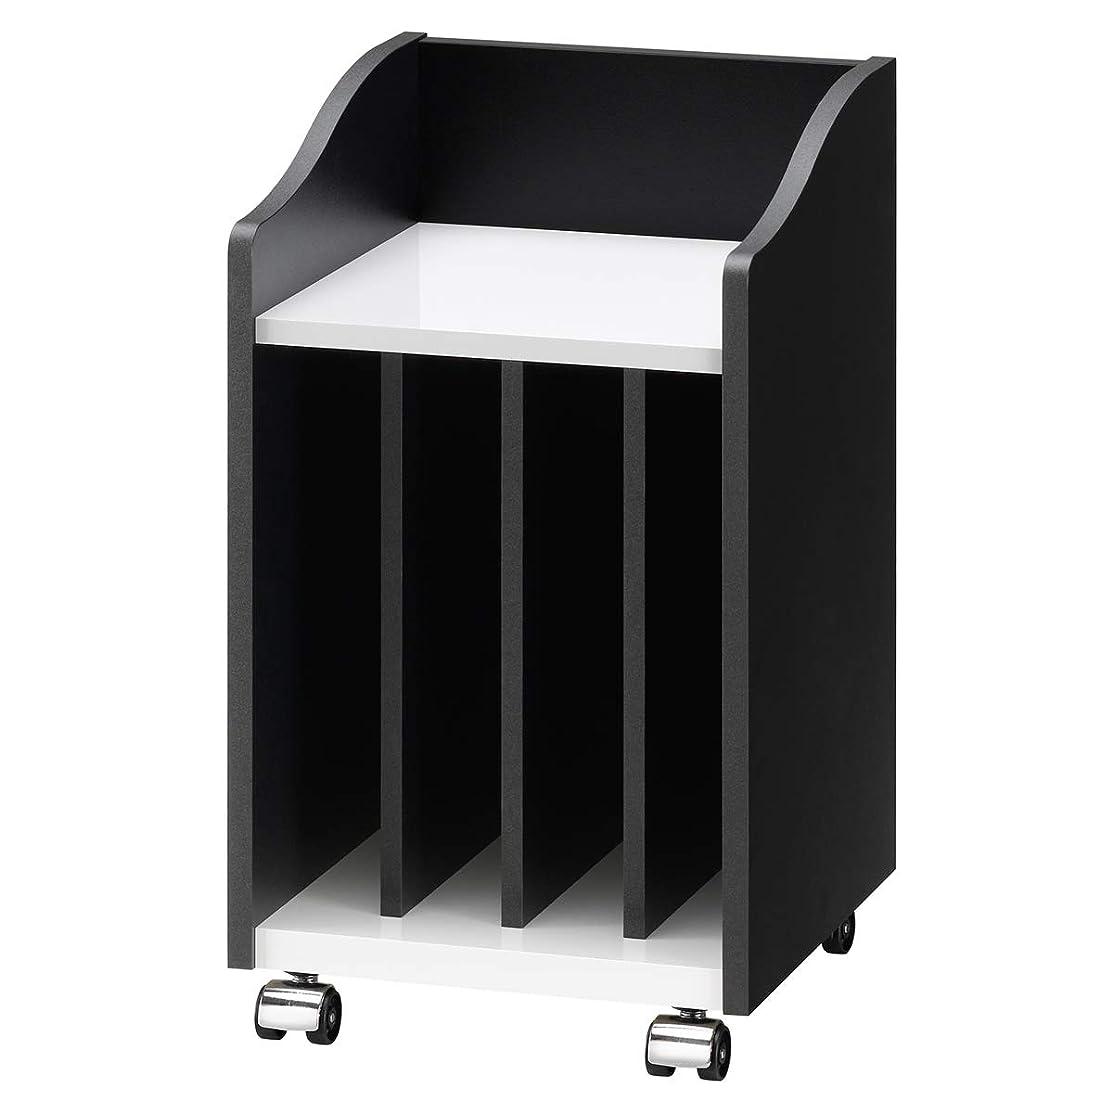 ブラスト保守的企業朝日木材加工 楽譜収納 PIANO WAGON 幅30cm 奥行29cm 高さ52cm ブラック×ホワイト 完成品 AS-PW30